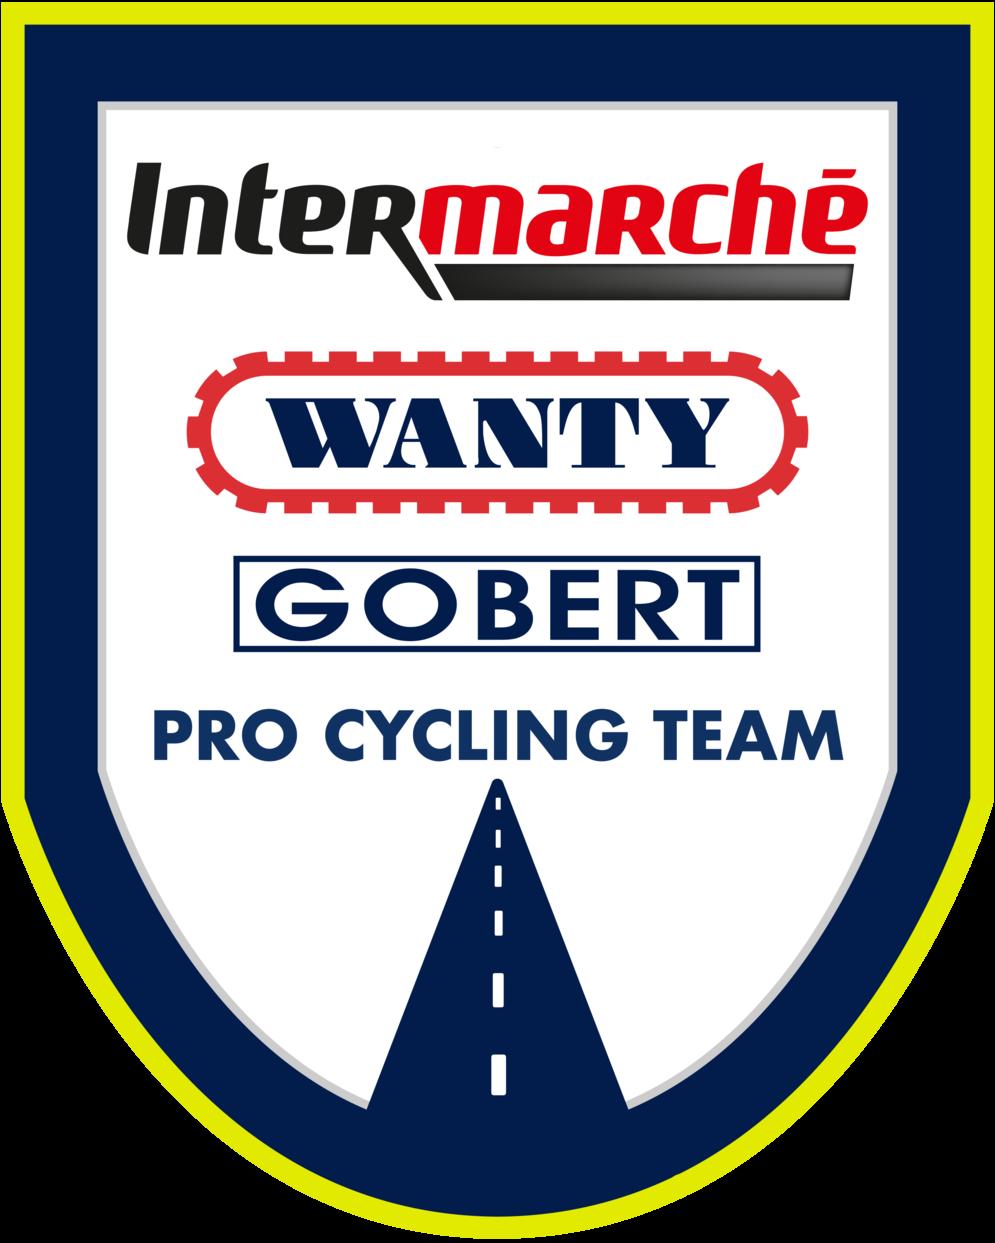 Logo Wanty Gobert x Intermarché